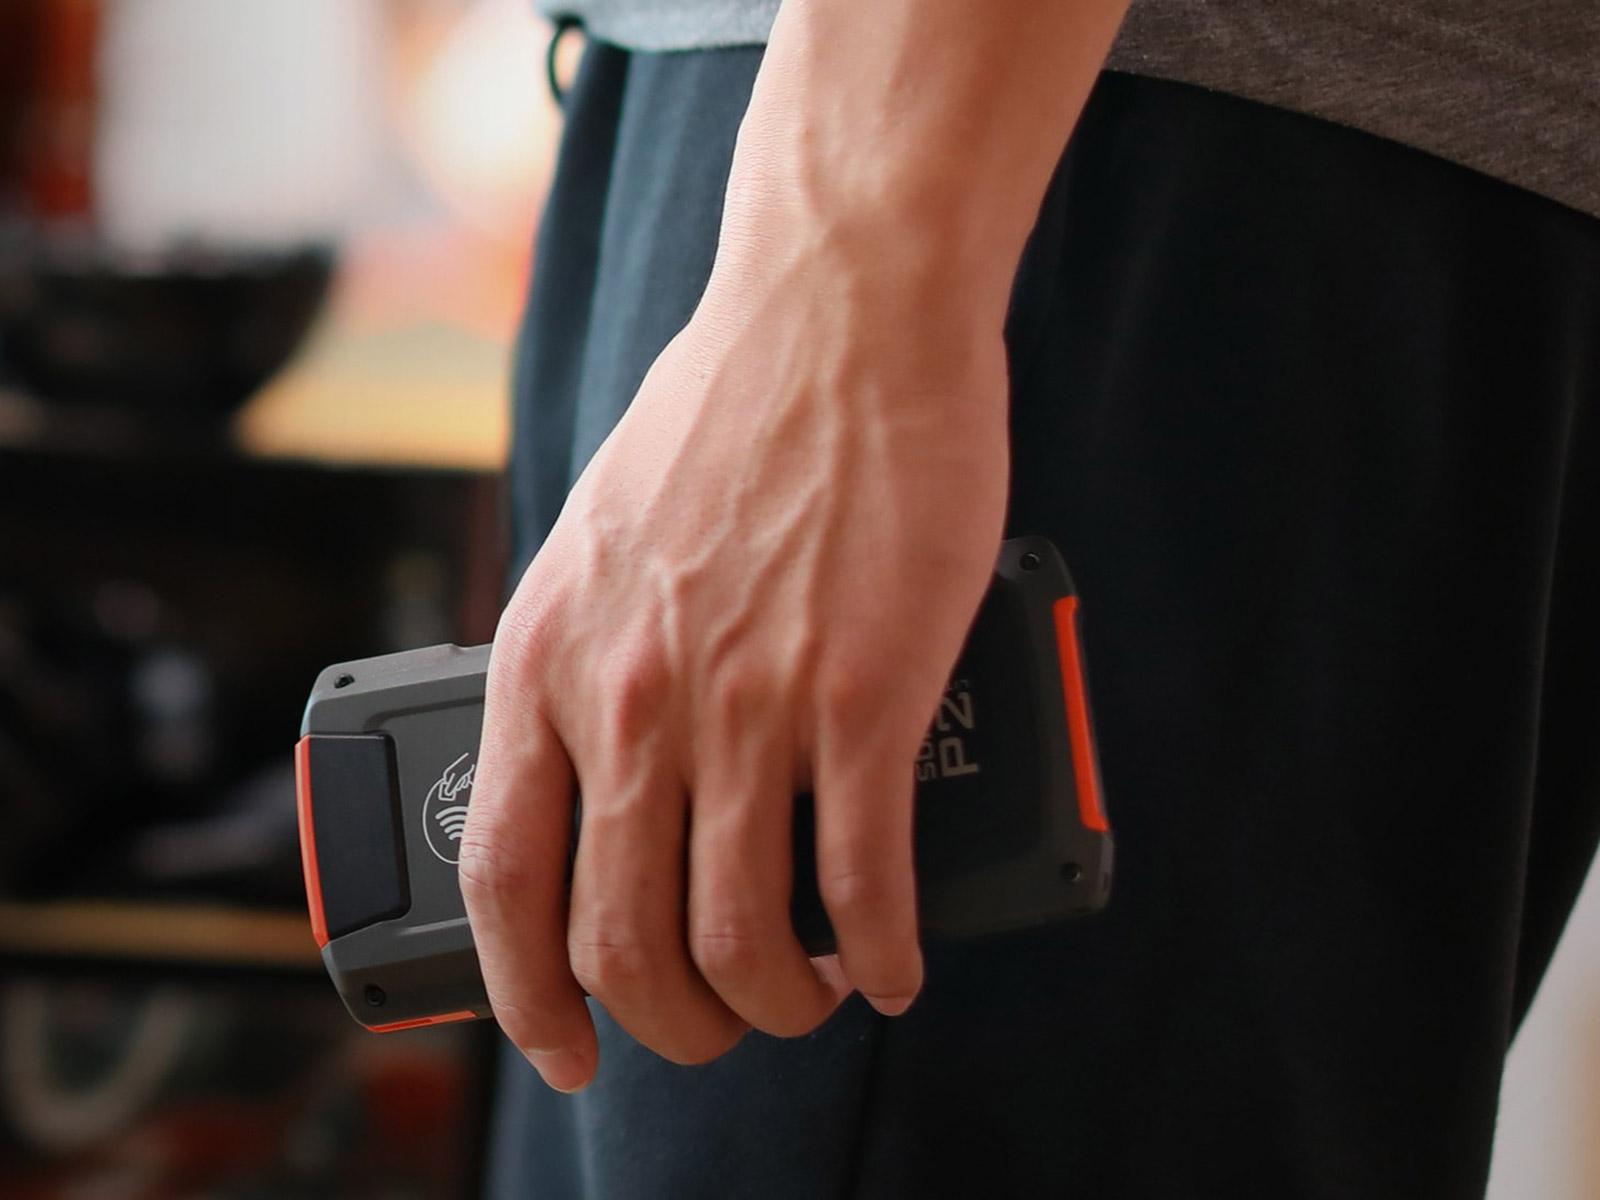 P2 LITE 磁気カード、ICカード、NFC、QR決済コード対応 Androidターミナル SUNMI サンミ